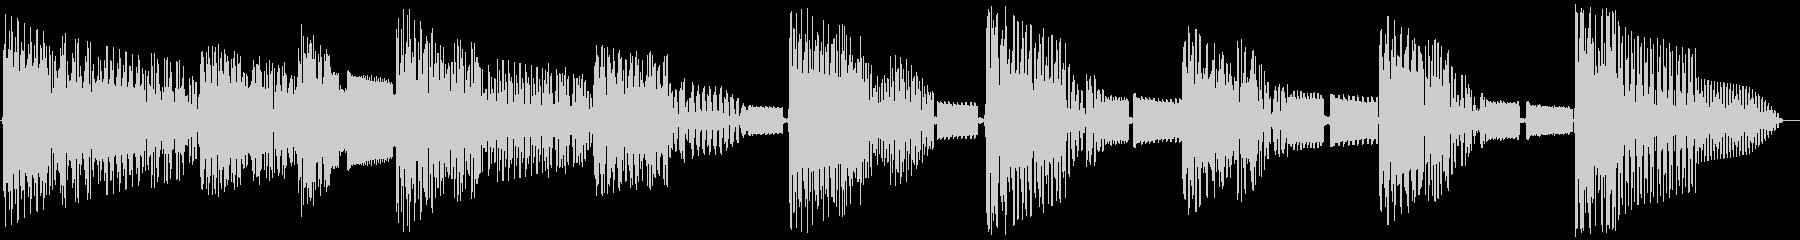 レトロゲームジングル:ゴシック2の未再生の波形